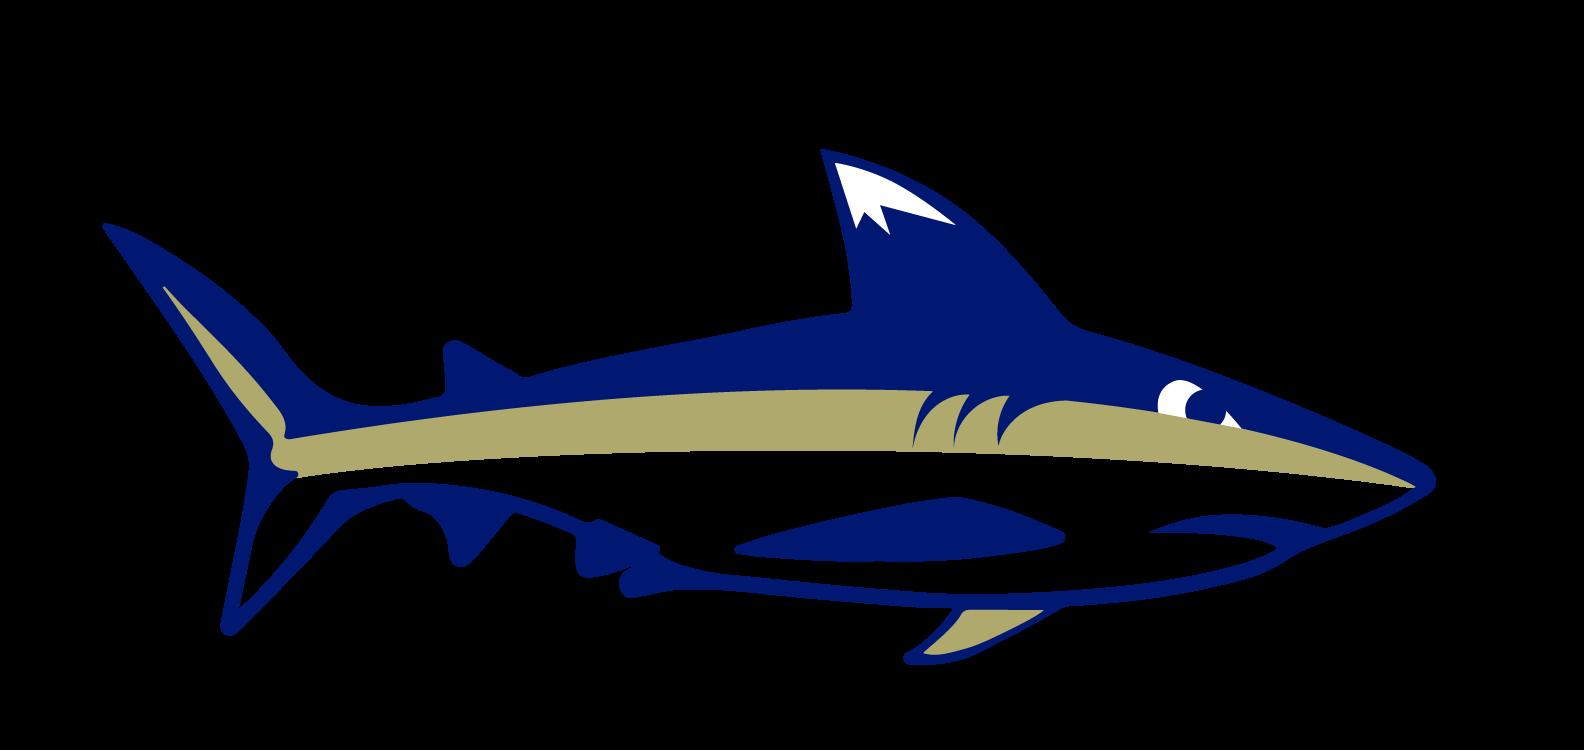 Landmark College's Mascot: Finn the Shark.